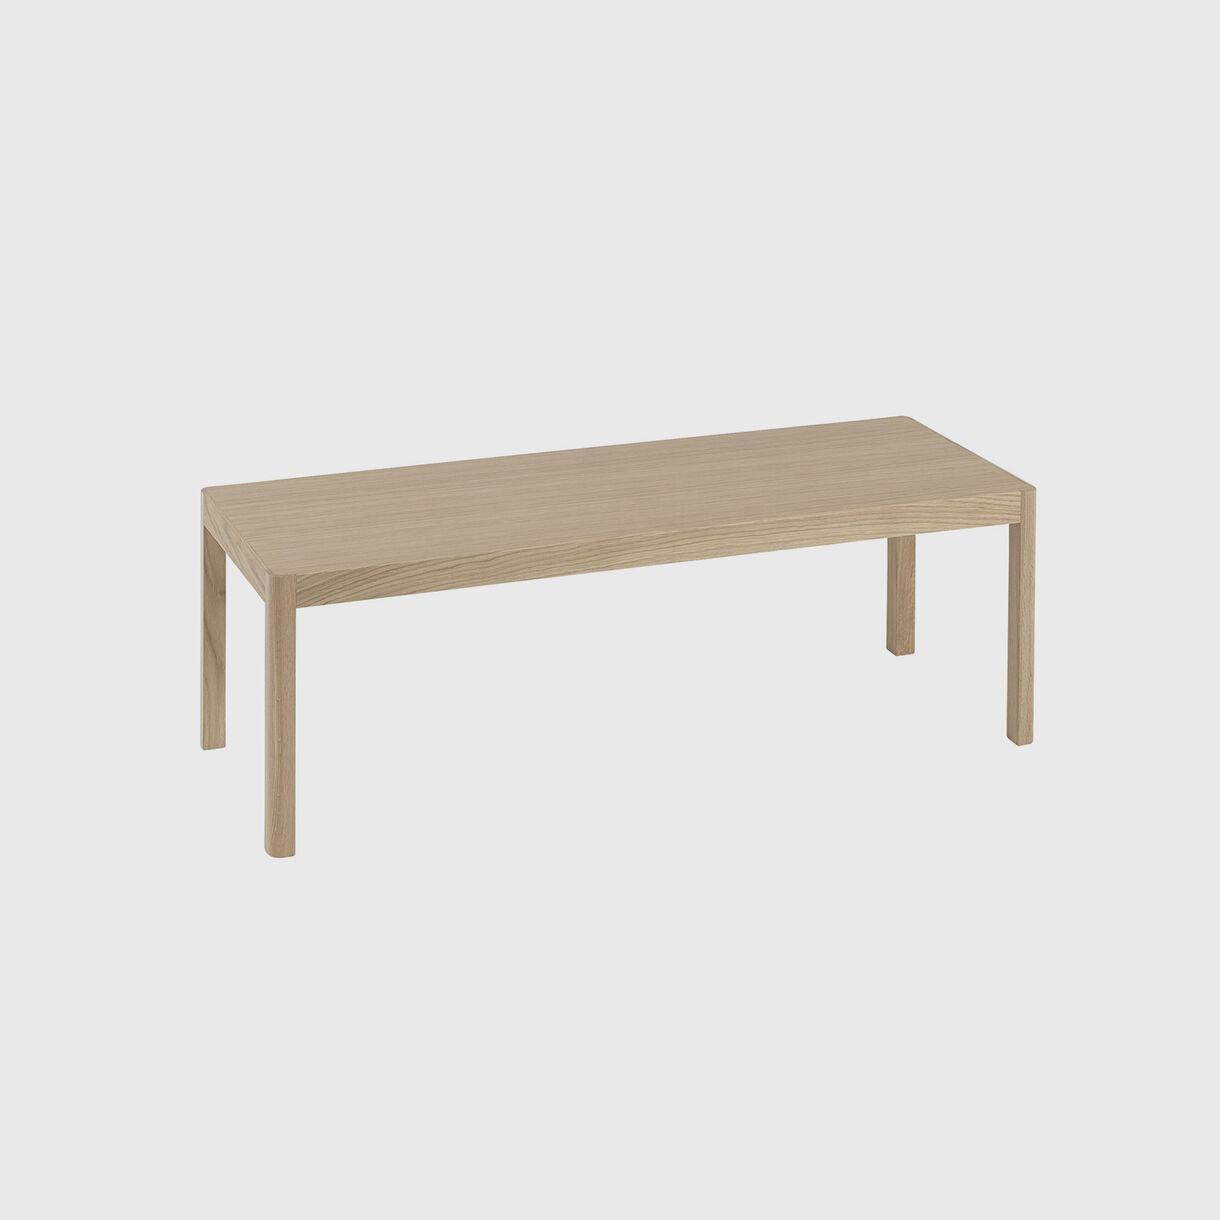 Workshop Coffee Table 1200x430mm, Oak